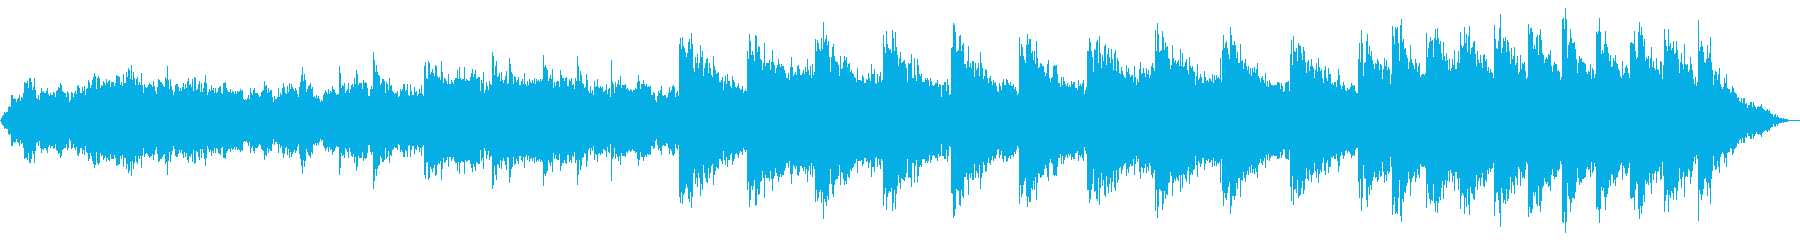 洞窟の中にいるようなヒーリングBGMの再生済みの波形